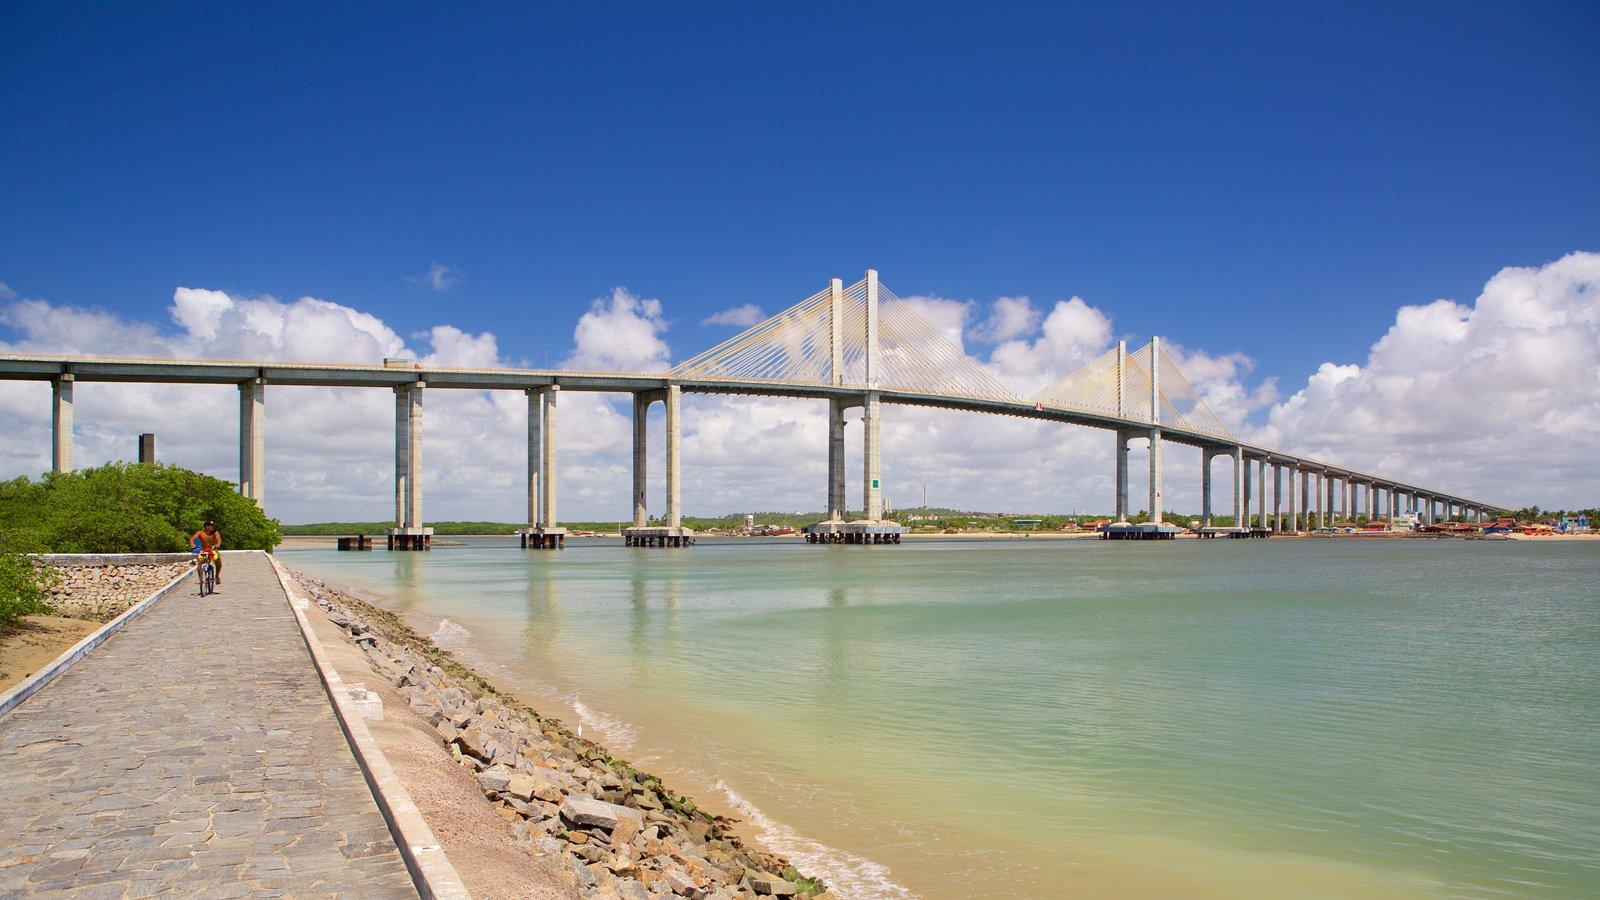 Ponte Newton Navarro mostrando paisagens litorâneas, uma baía ou porto e uma ponte